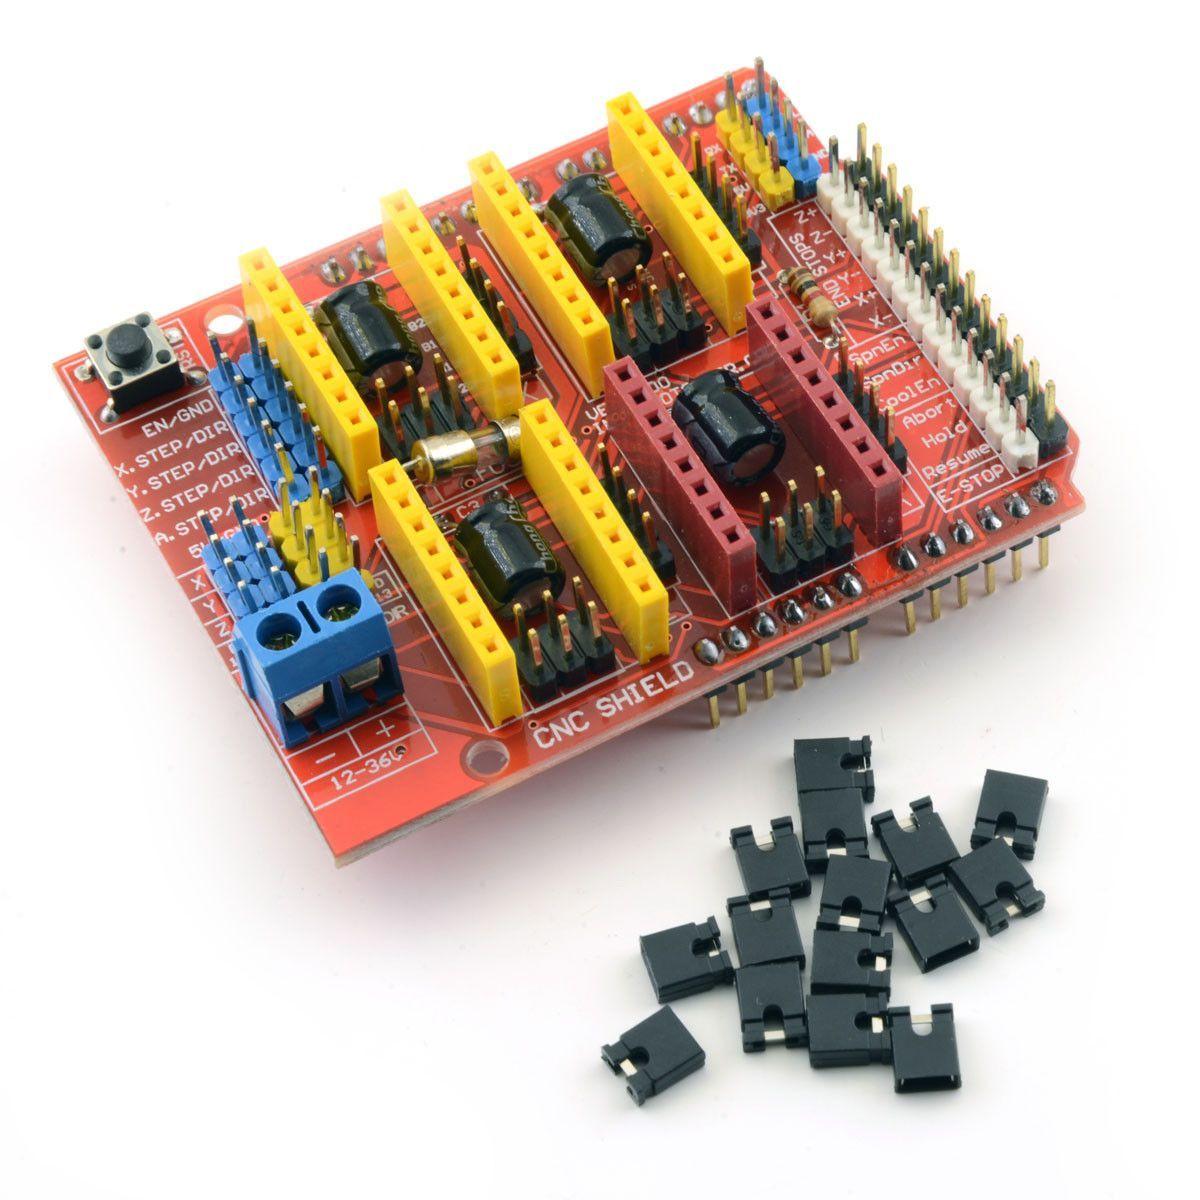 assembled cnc v3 arduino shield for a4988 drv8825 stepsticks router mill robot [ 1200 x 1200 Pixel ]